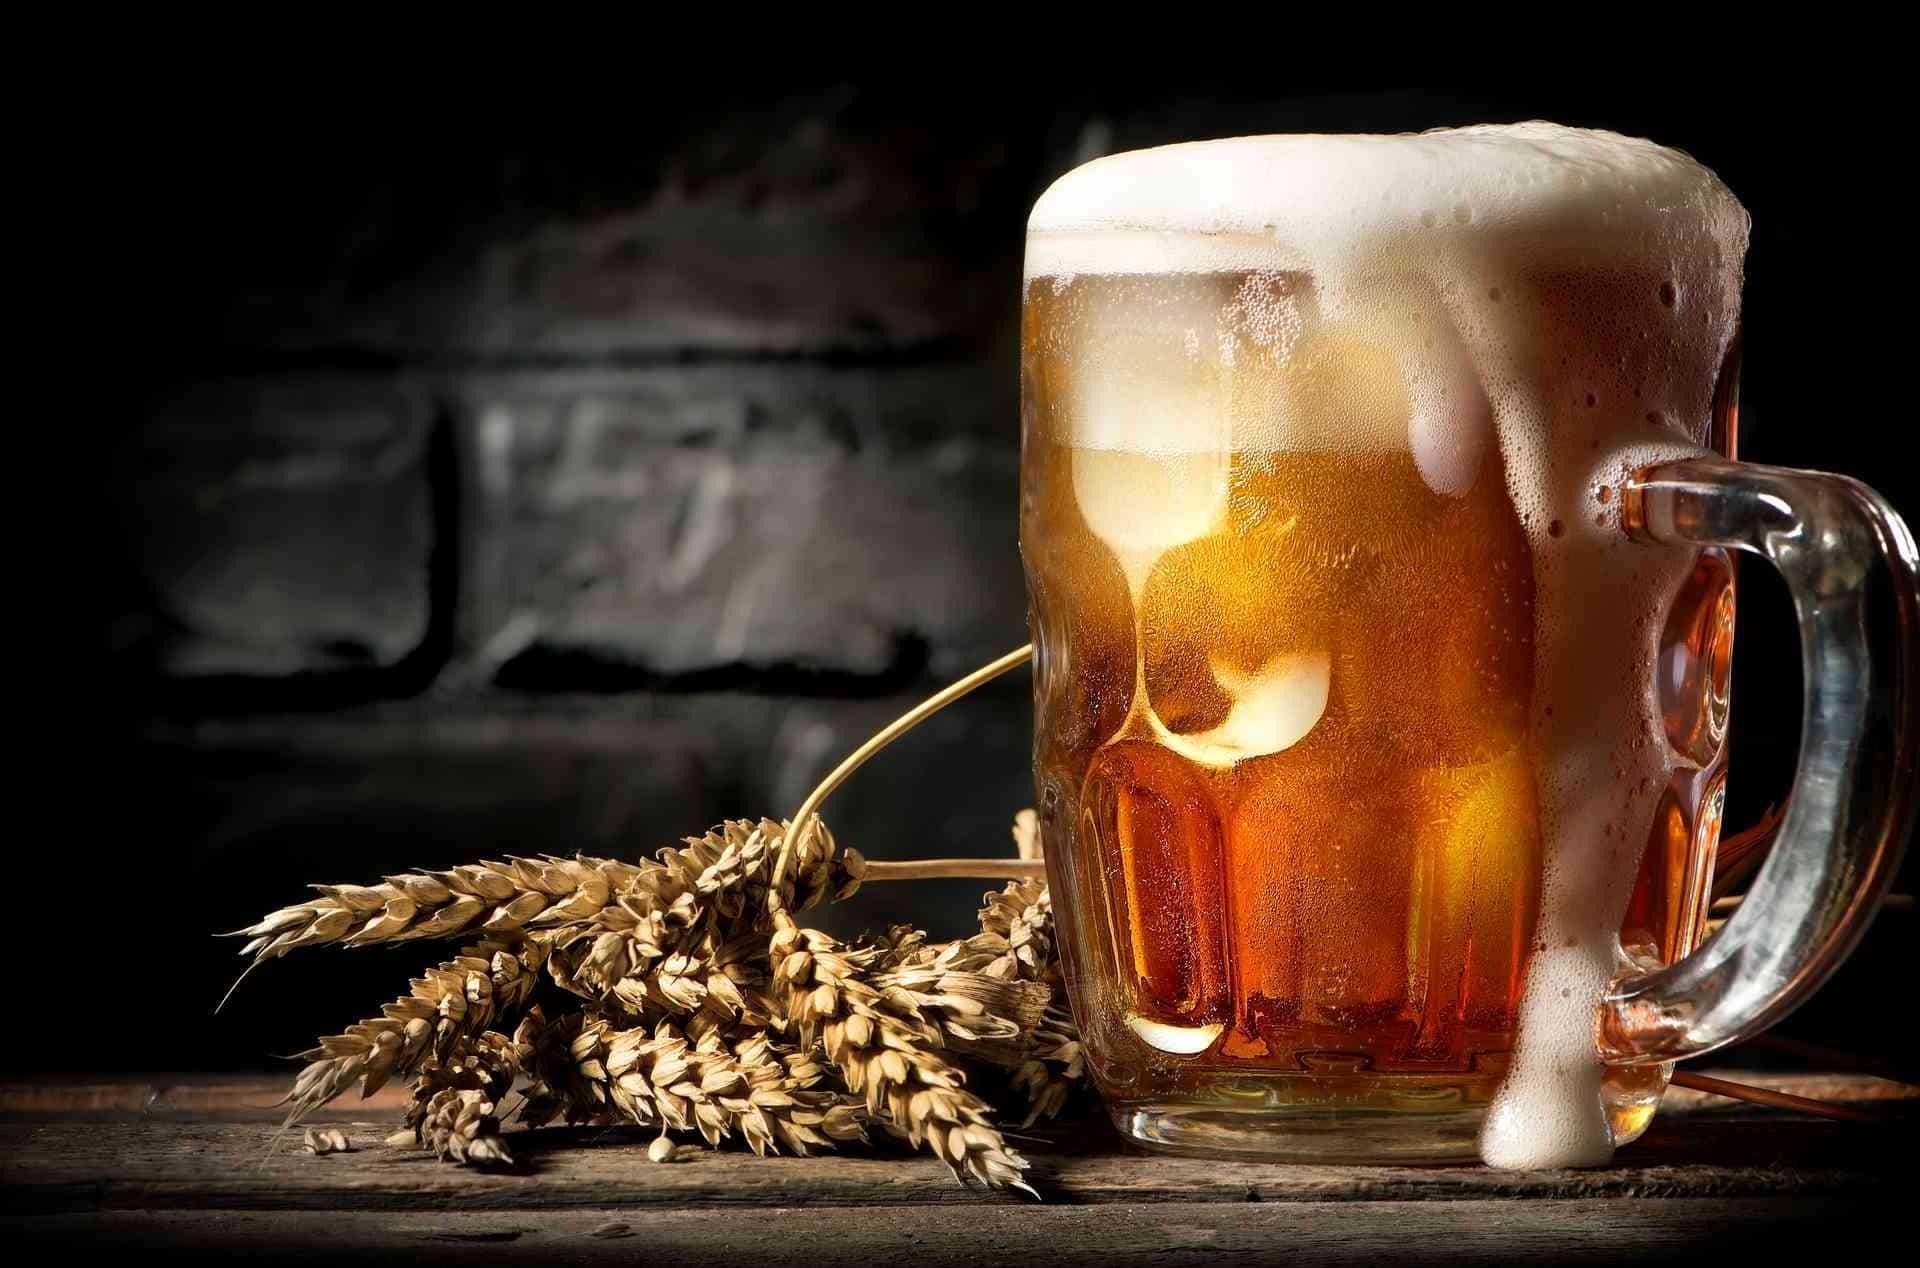 Польза пива: сколько кружек можно и нужно пить в день, результаты исследований